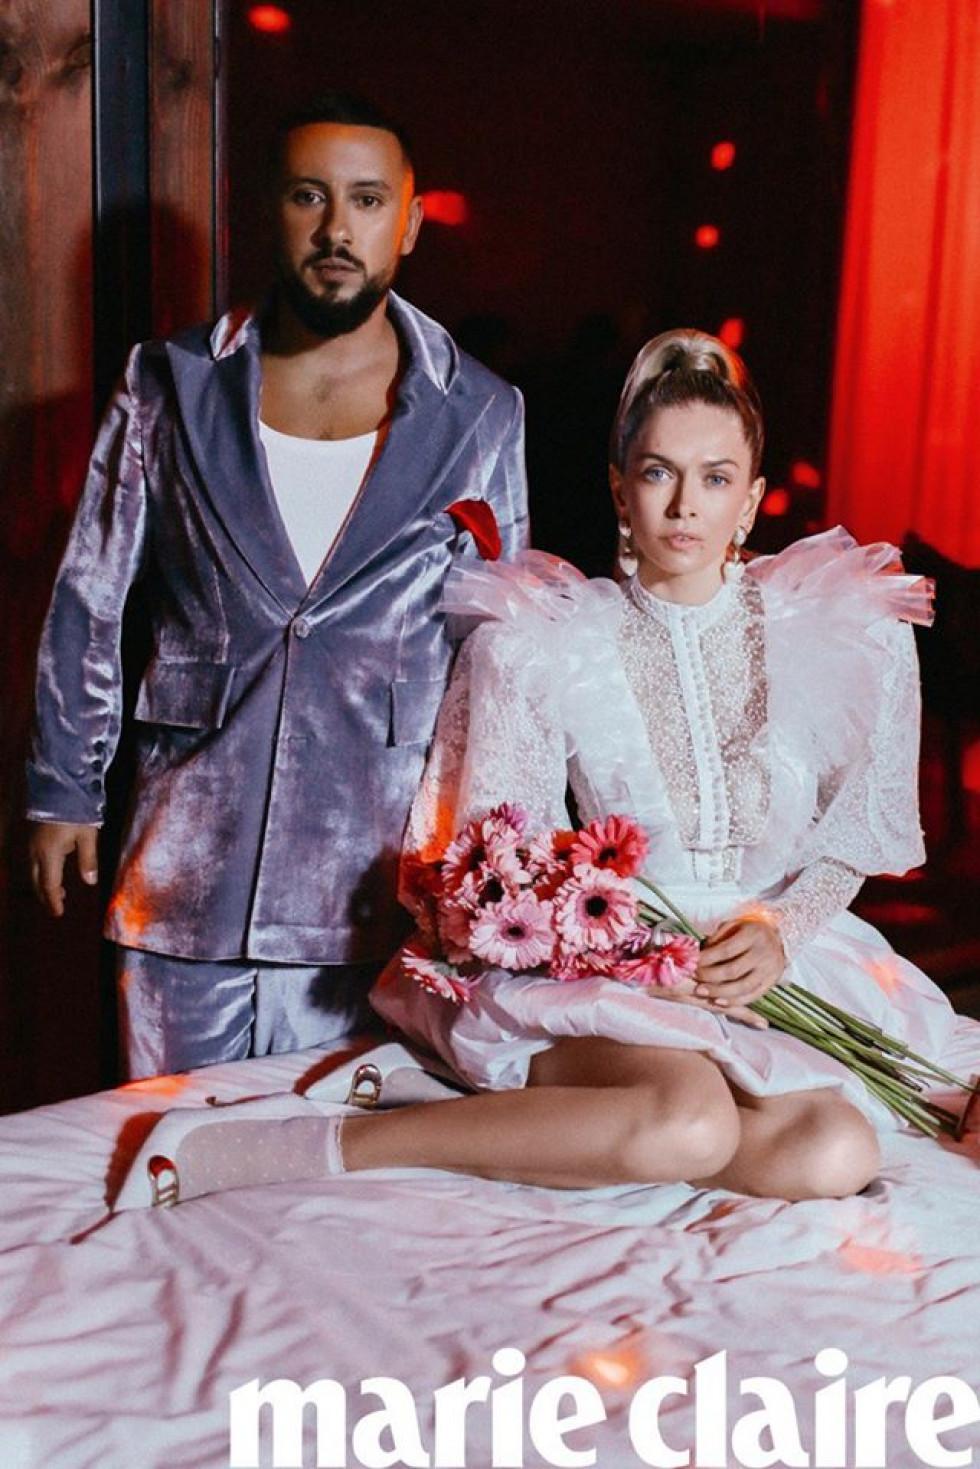 Лучанин потрапив на обкладинку модного глянцю